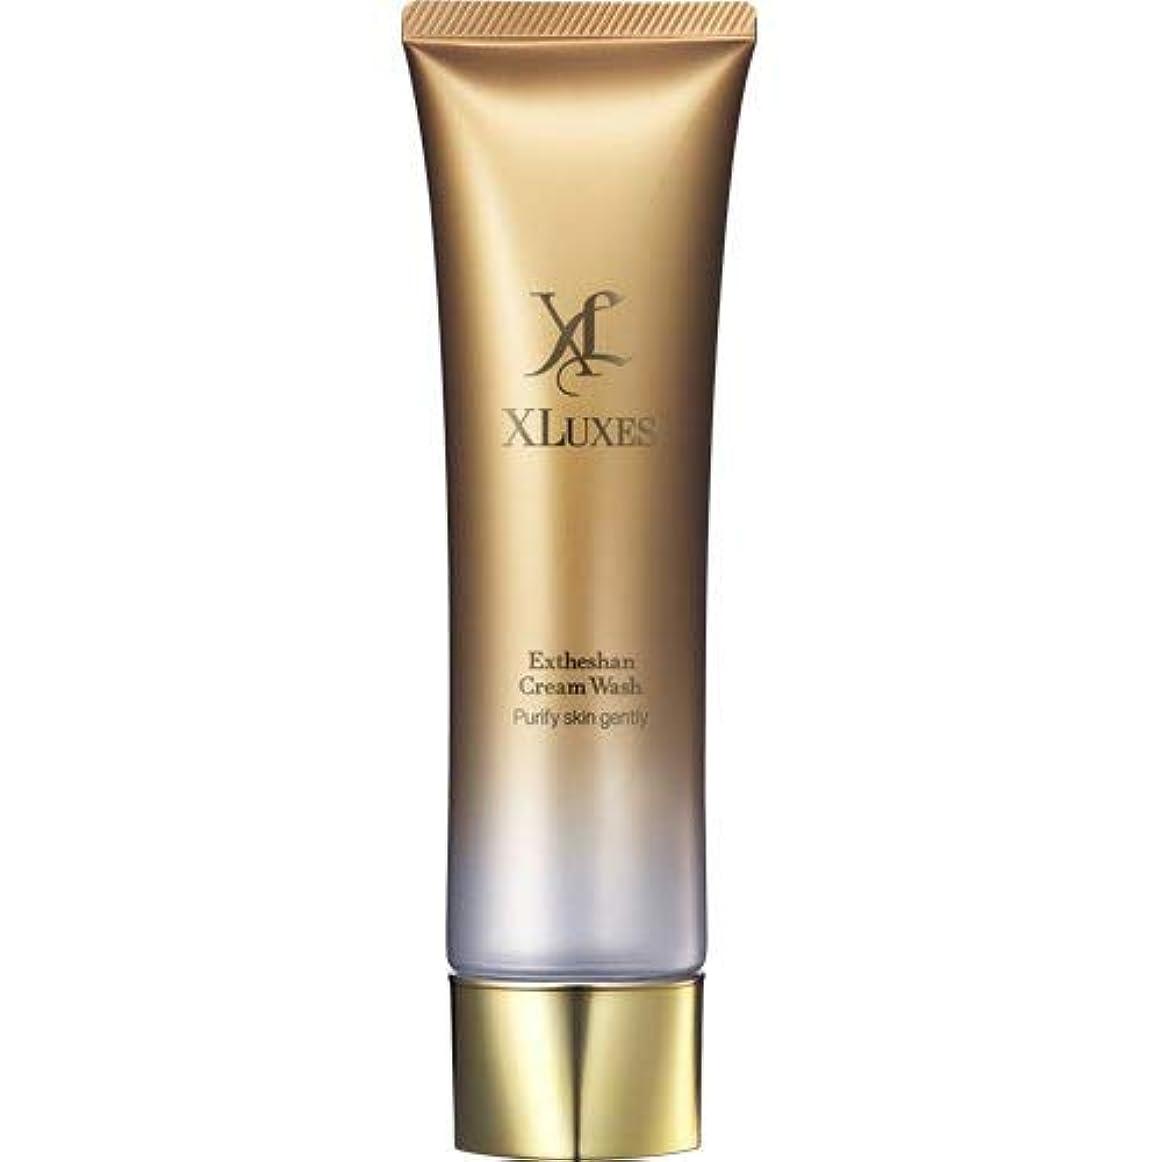 偏心一緒に中央XLUXES 美容液洗顔 [ヒト幹細胞 培養液配合] エグゼティシャン クリームウォッシュ (ダマスクローズの香り)